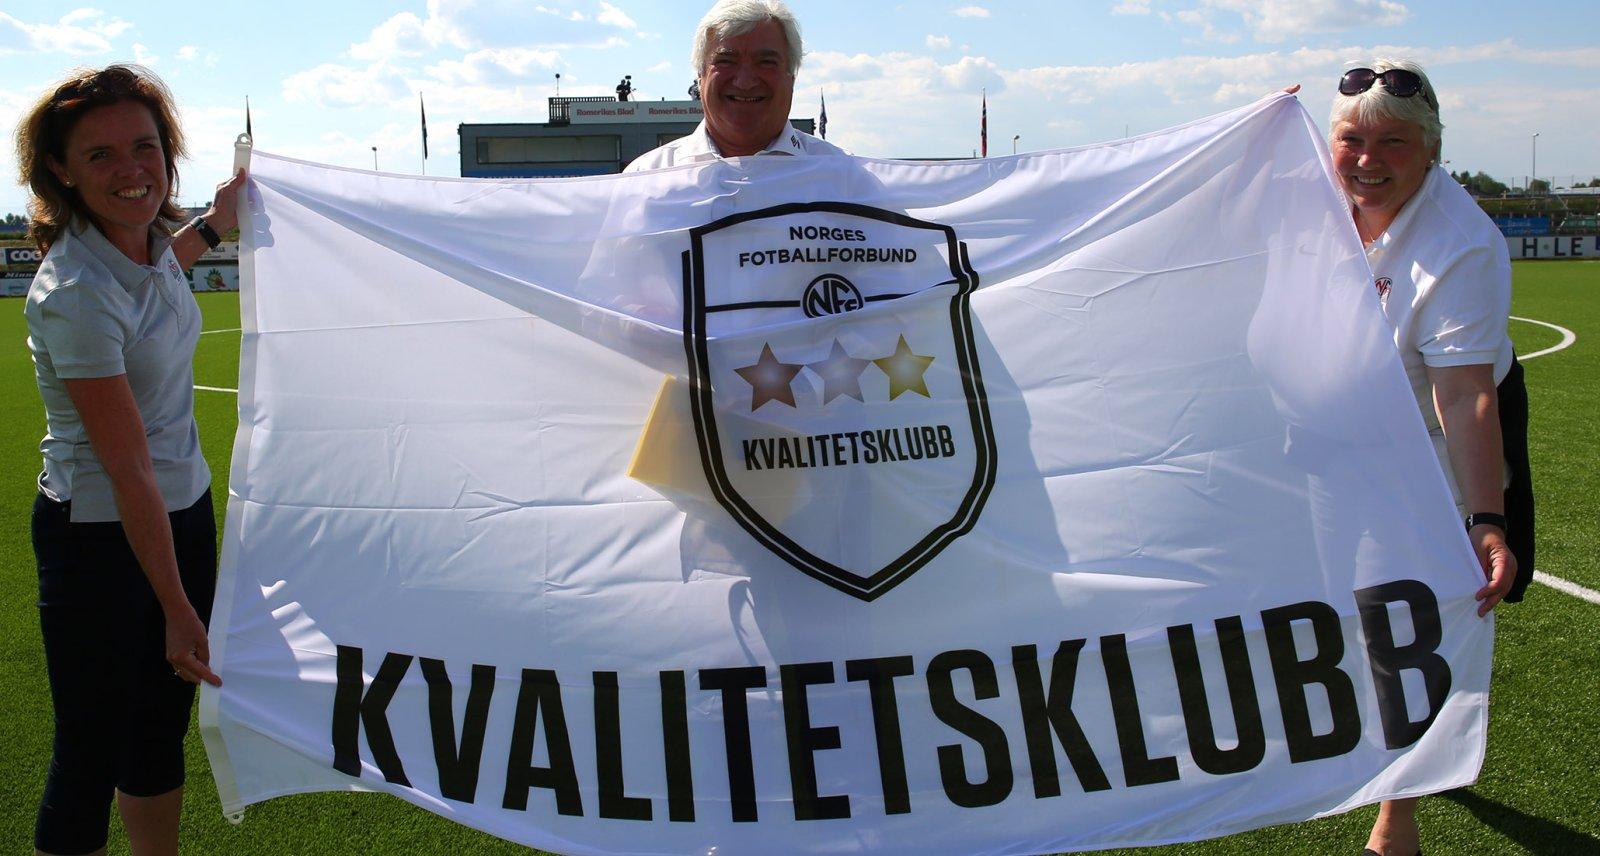 Ull/Kisa Fotball fikk utmerkelsen som kvalitetsklubb av Akershus Fotballkrets i pausen av hjemmekampen mot Tromsdalen i den 11. serierunden. FOTO: Bjørn Hytjanstorp